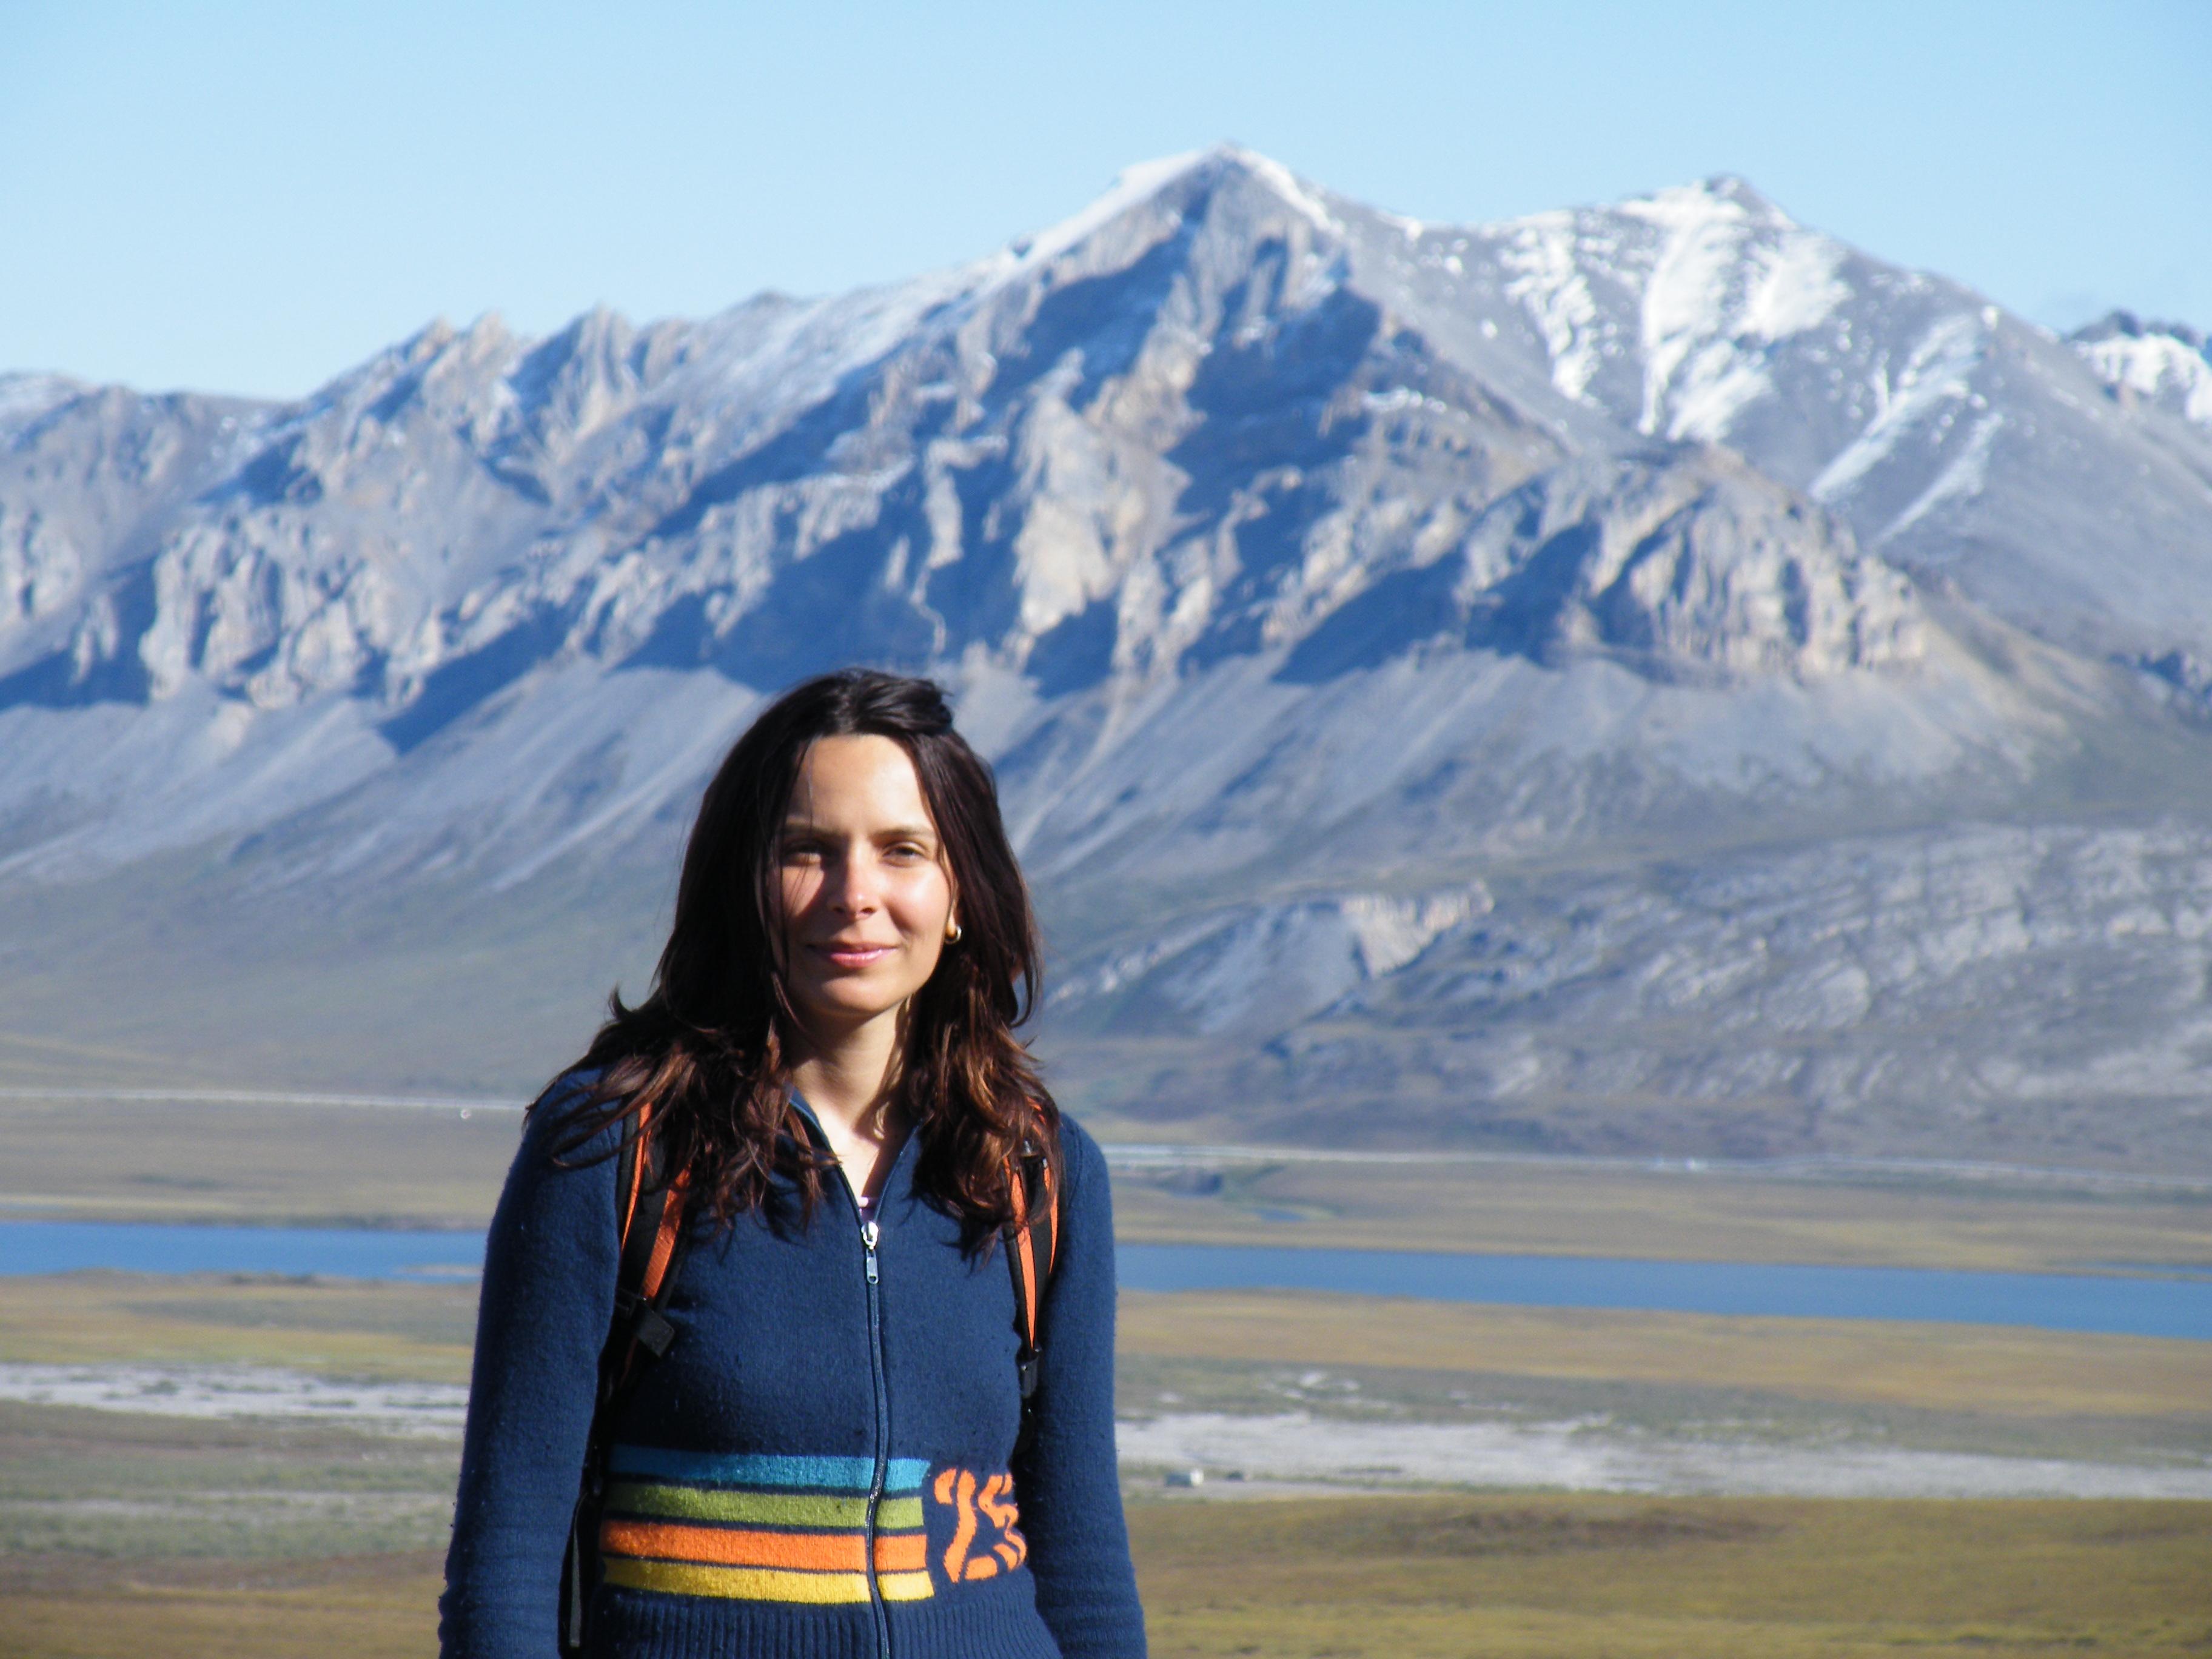 La científica climática Ivana Cvijanovic realiza trabajo de campo en Alaska North Slope, como parte de su investigación de doctorado.